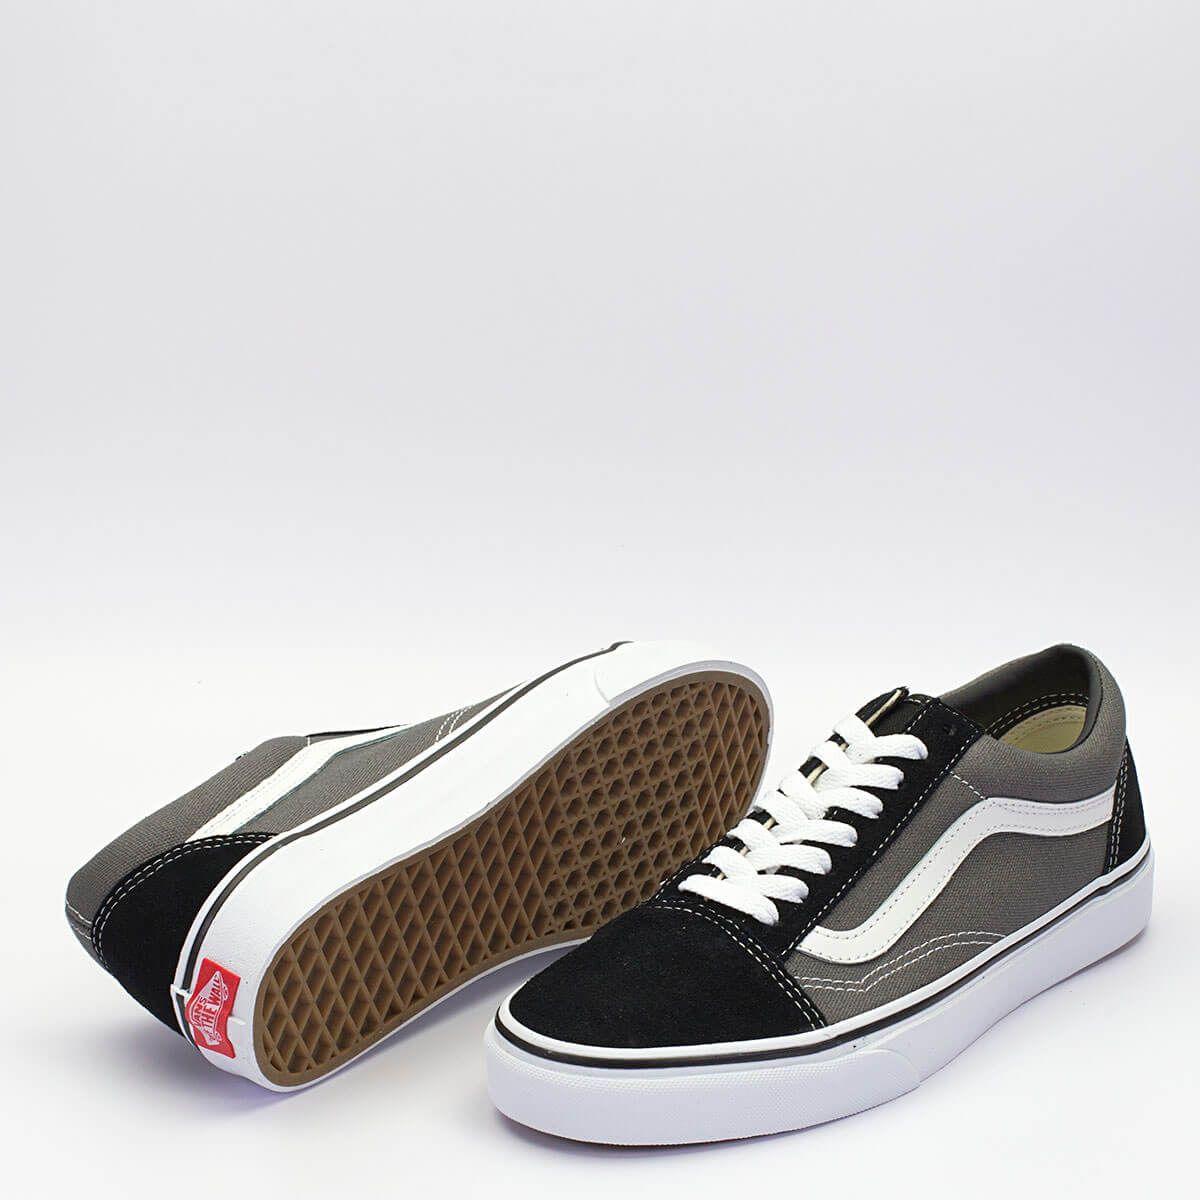 444d8acb3b Παπούτσια · Vans Old Skool σε γκρι χρώμα με μαύρες λεπτομέρειες